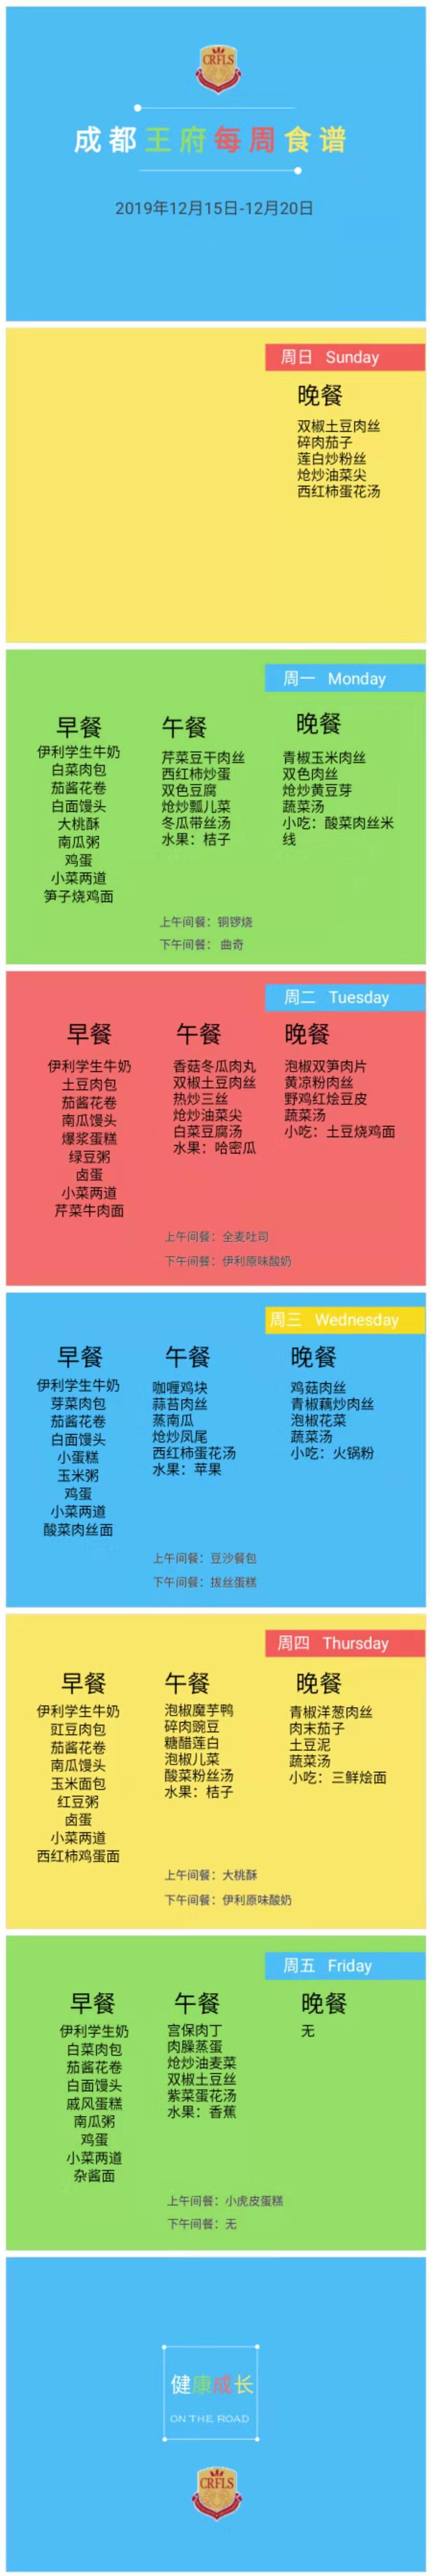 2019-2020学年上学期第13周食谱2019.12.15-12.20